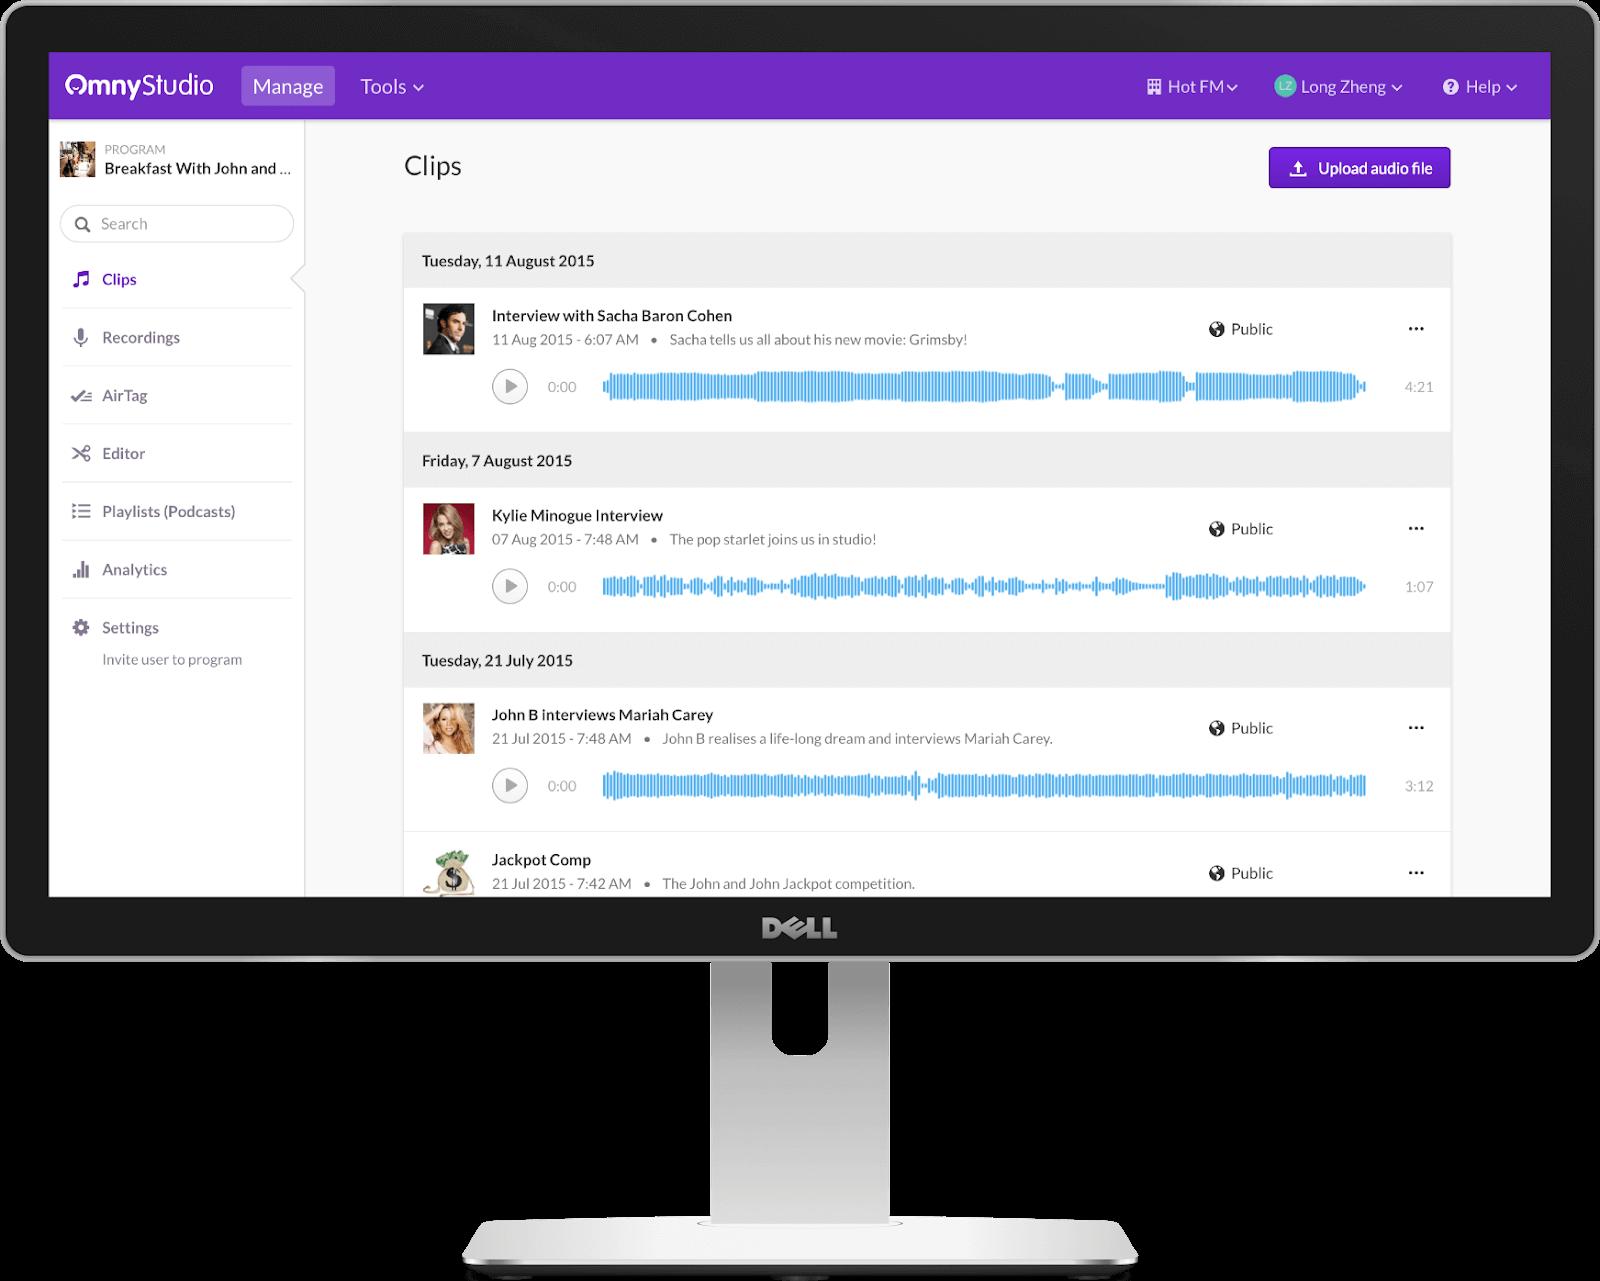 OmnyStudio platform overview